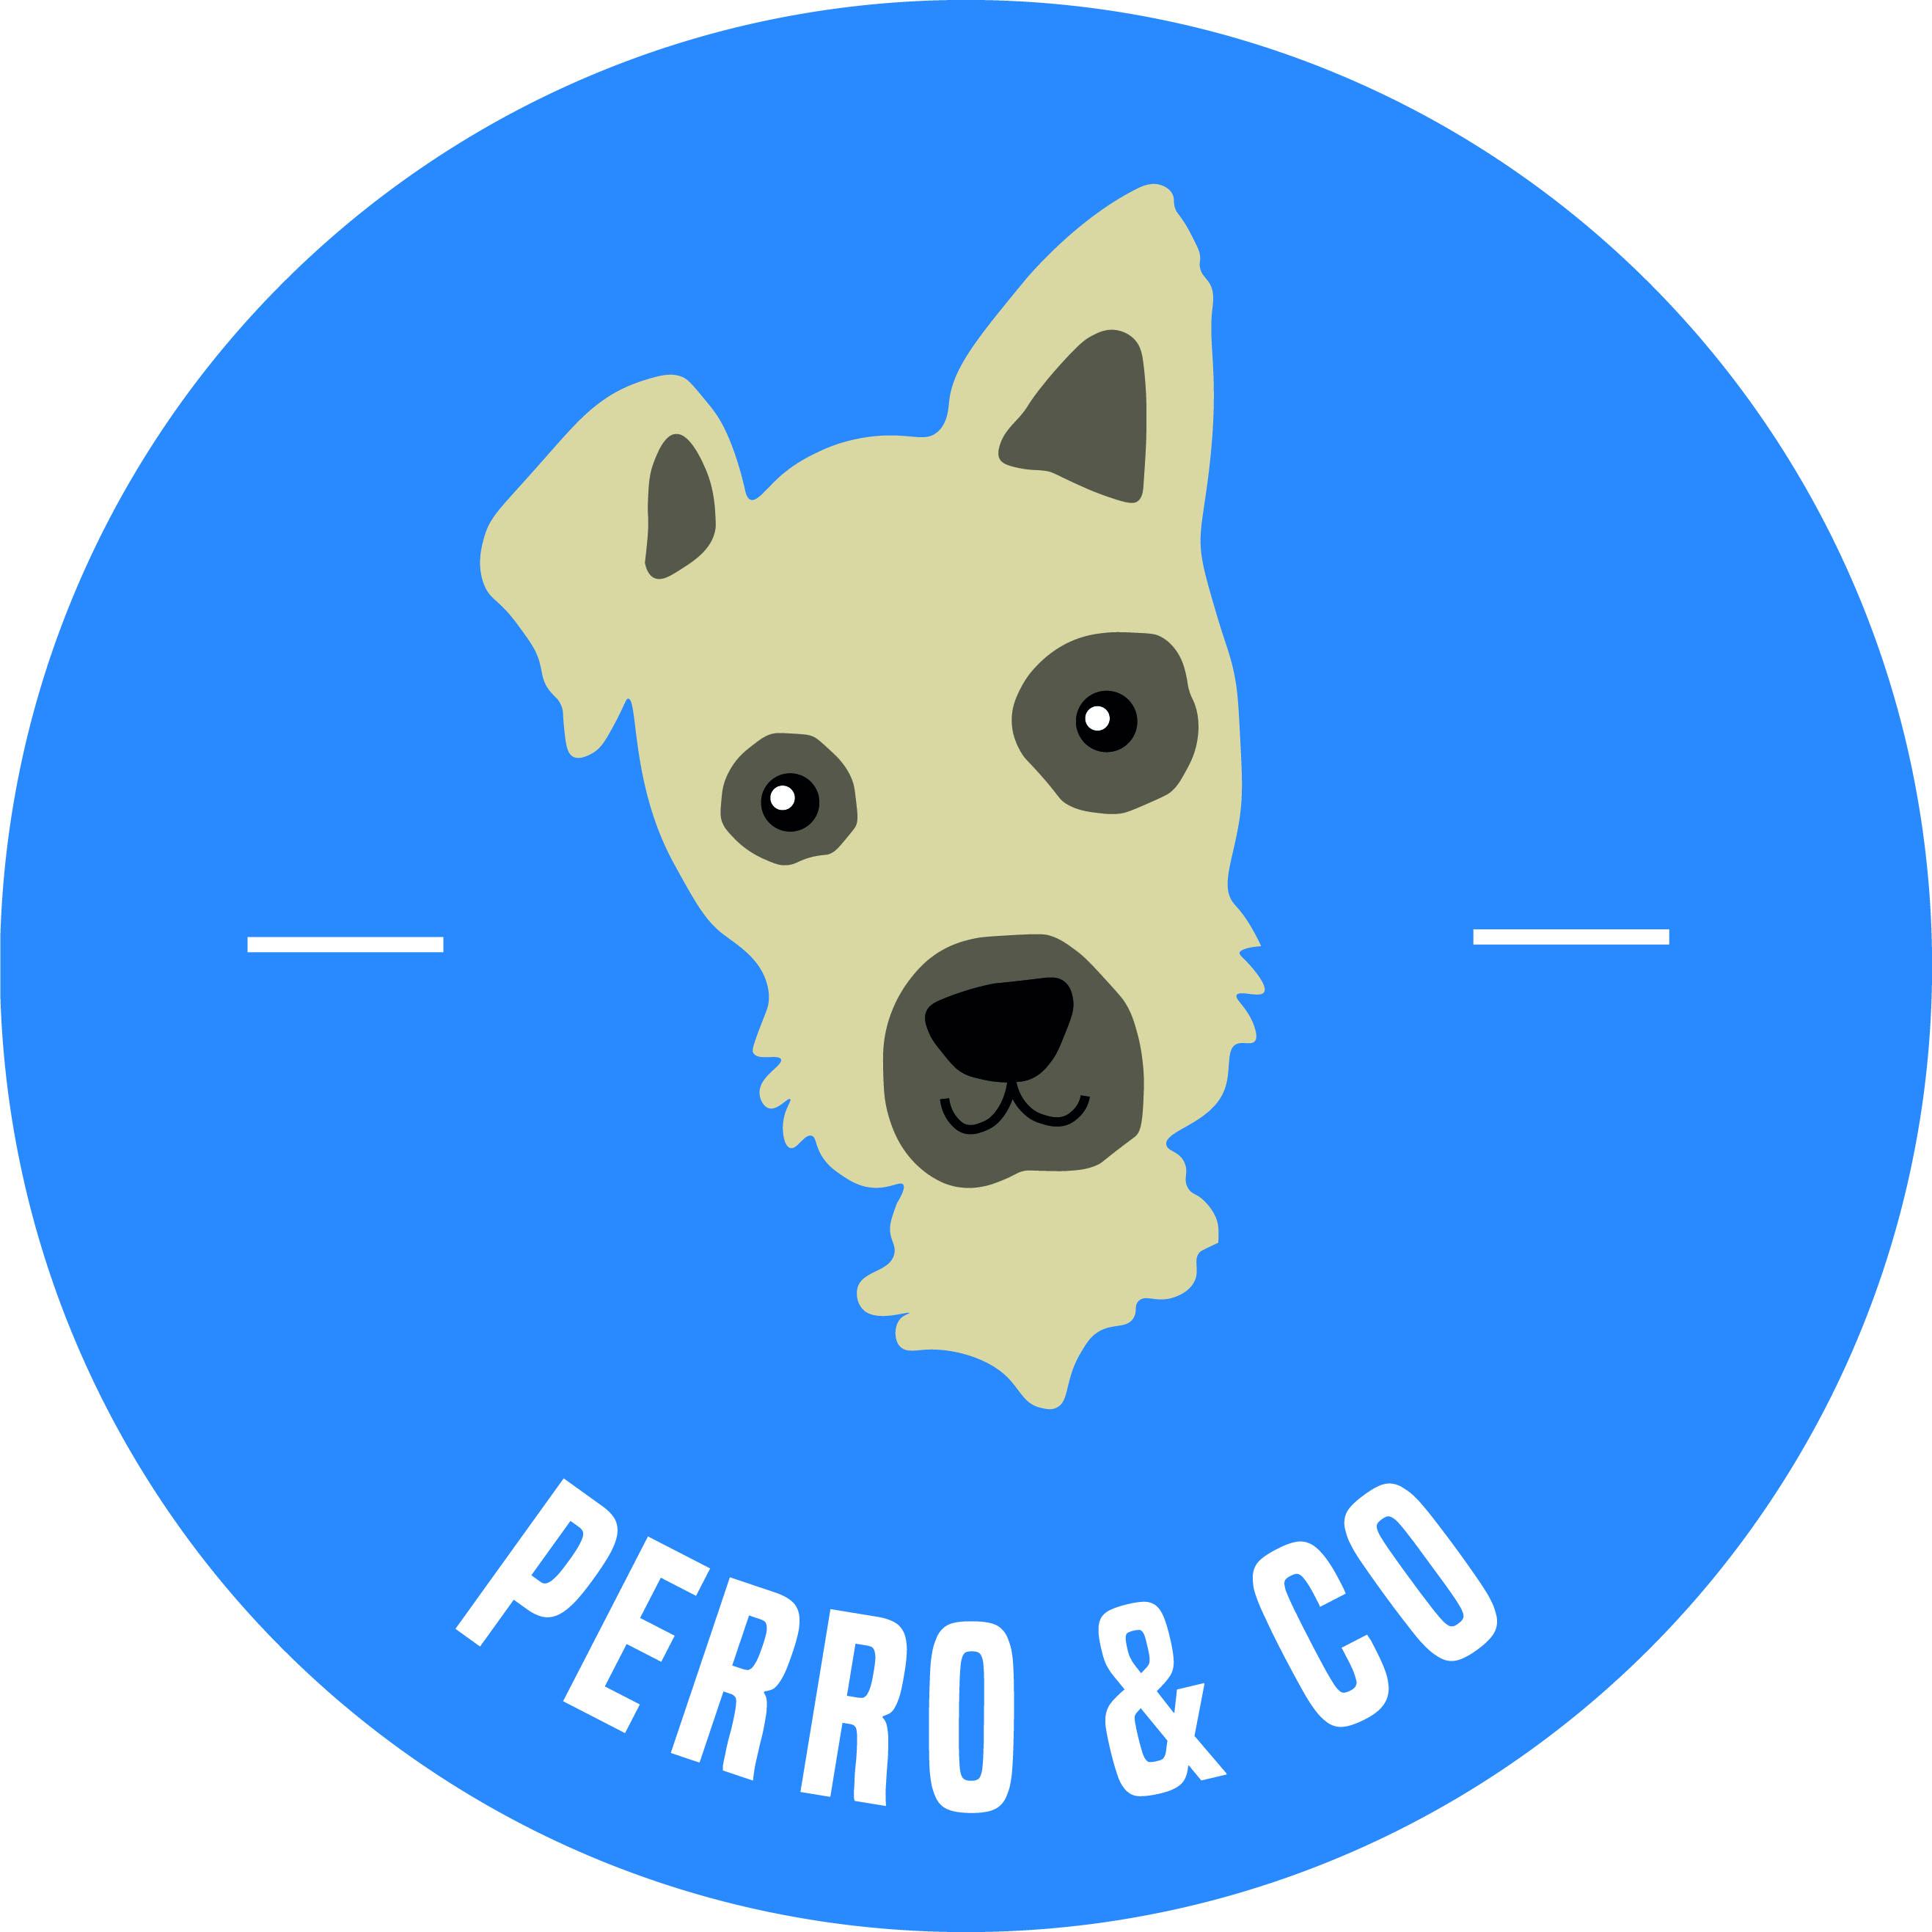 Stichting Perro&Co